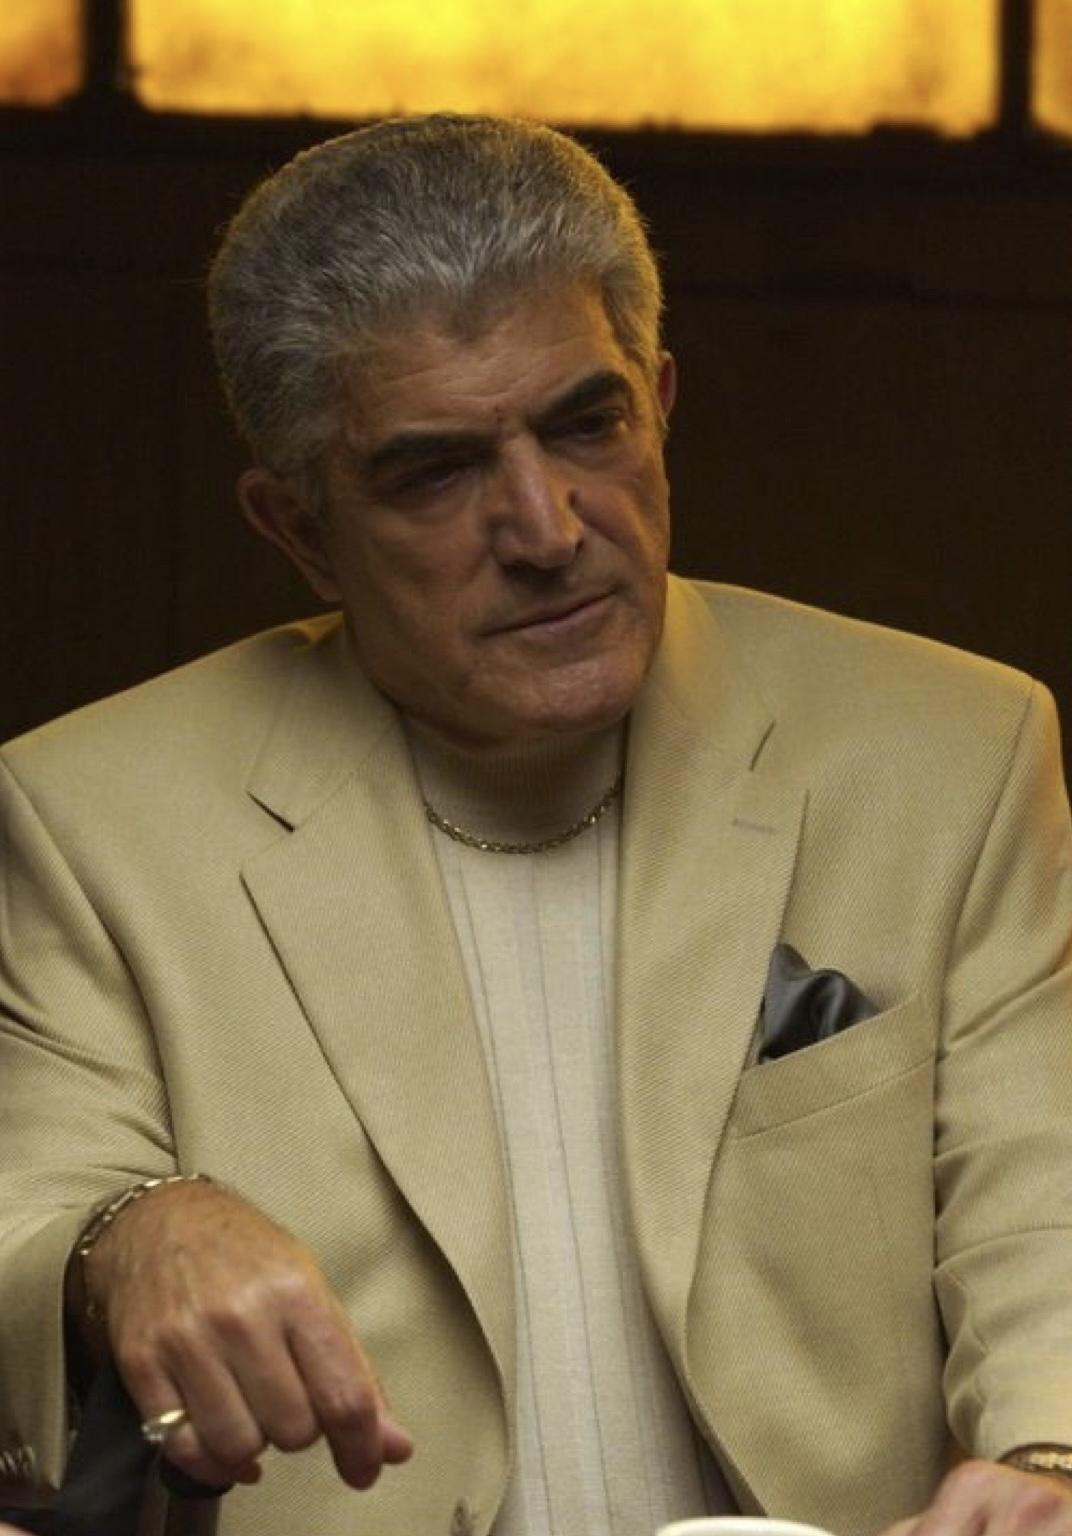 Phil Leotardo